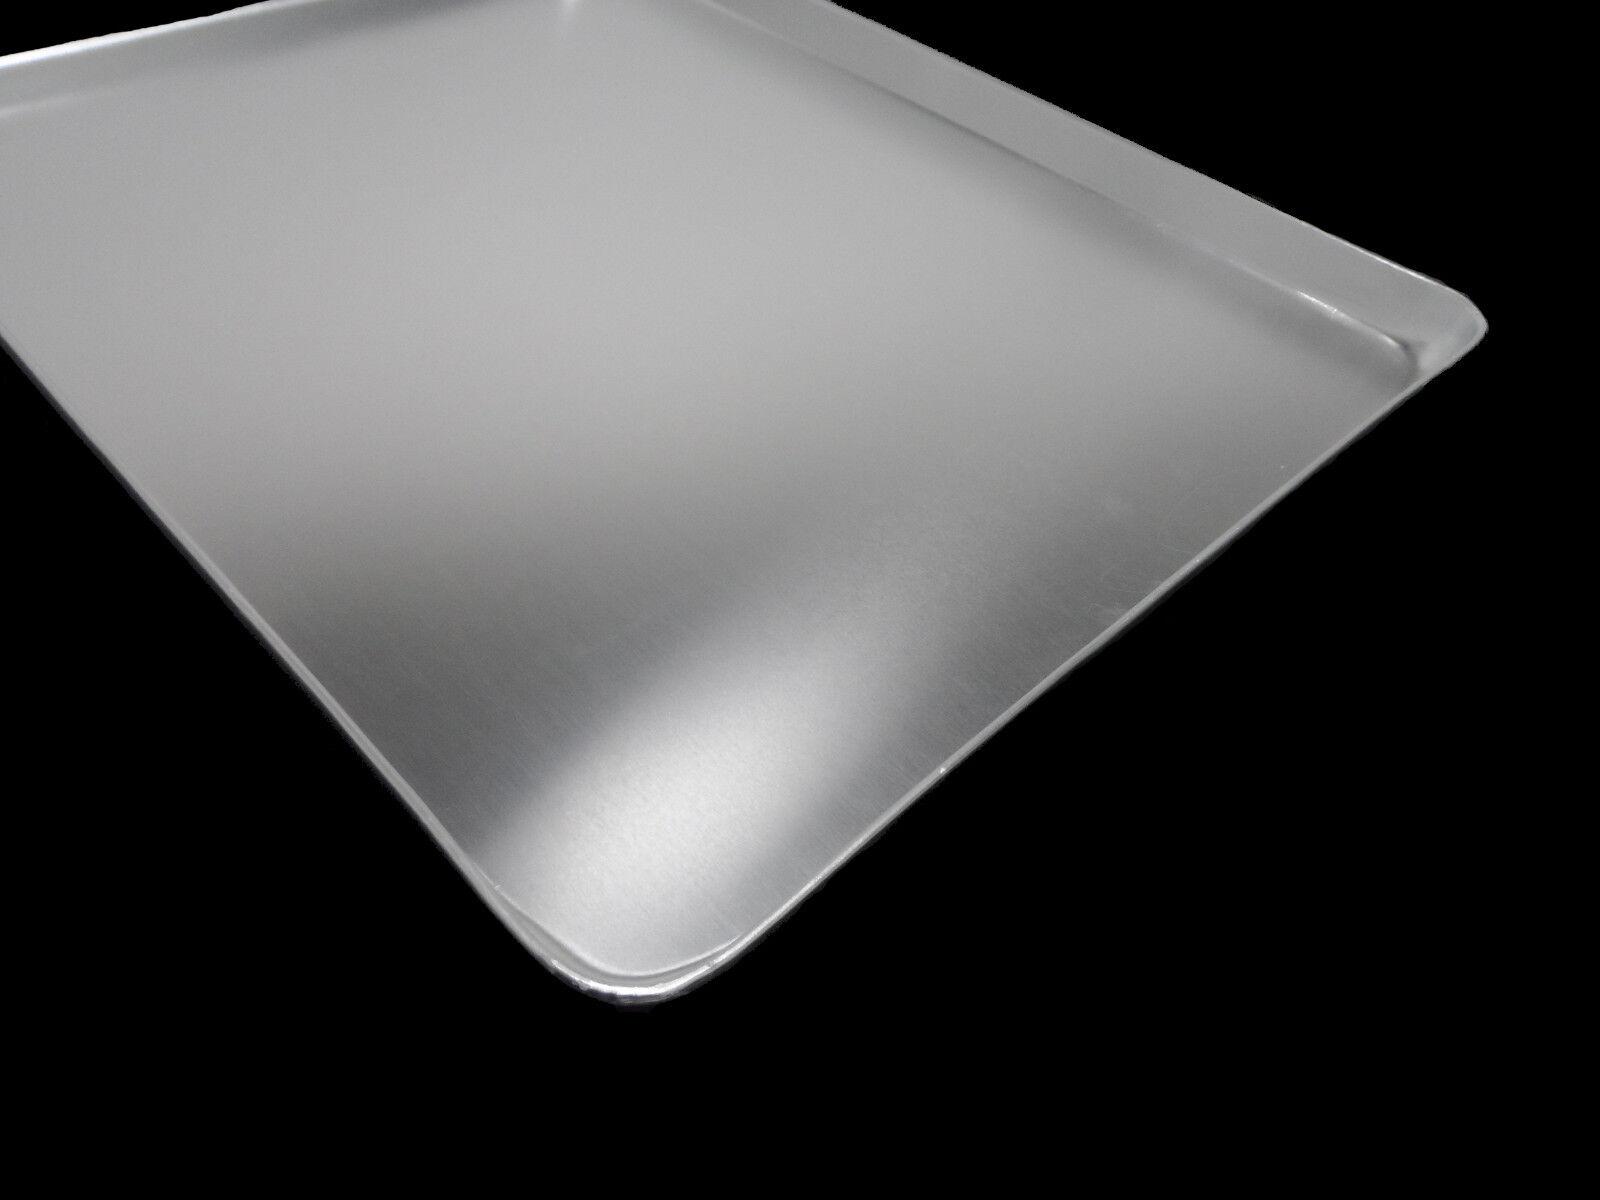 10 x Chapa de mostrador 400x300x200cm Placas ALUMINIO hojas NUEVO Placas 400x300x200cm Exhibición 622cfa